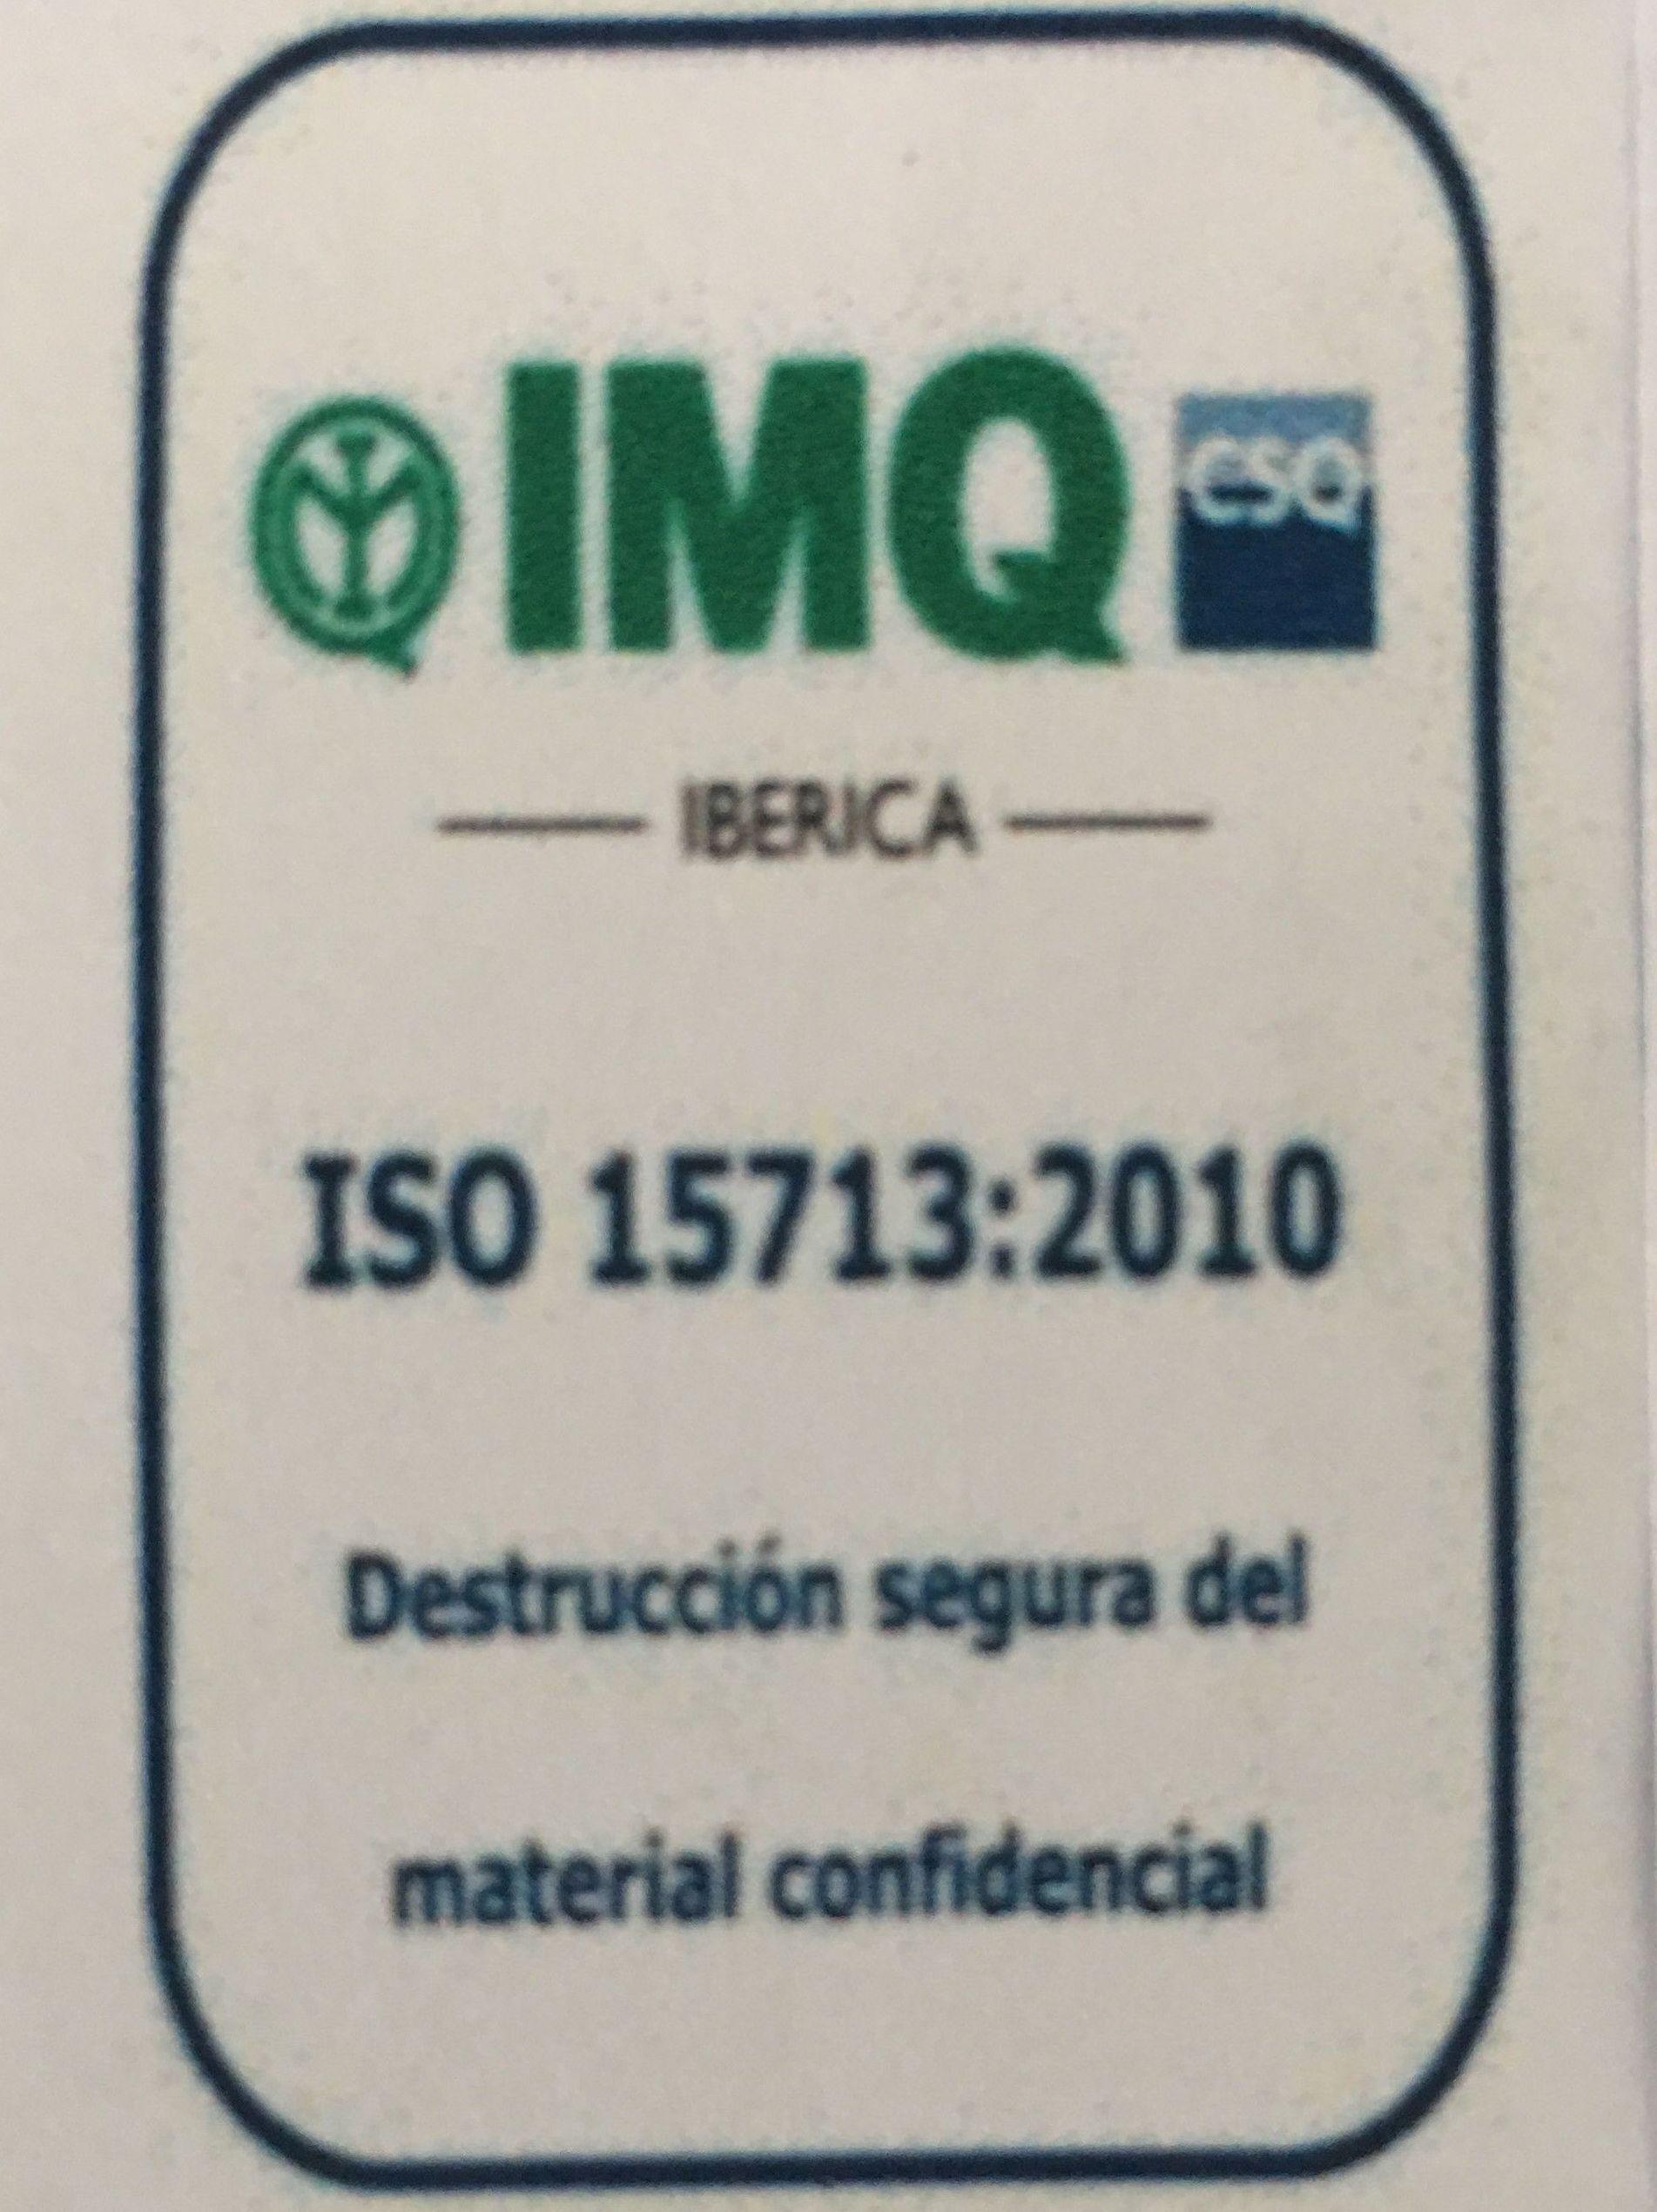 """Hemos conseguido la certificación en la ISO 15713 """" DESTRUCCION SEGURA DE MATERIAL CONFIDENCIAL."""